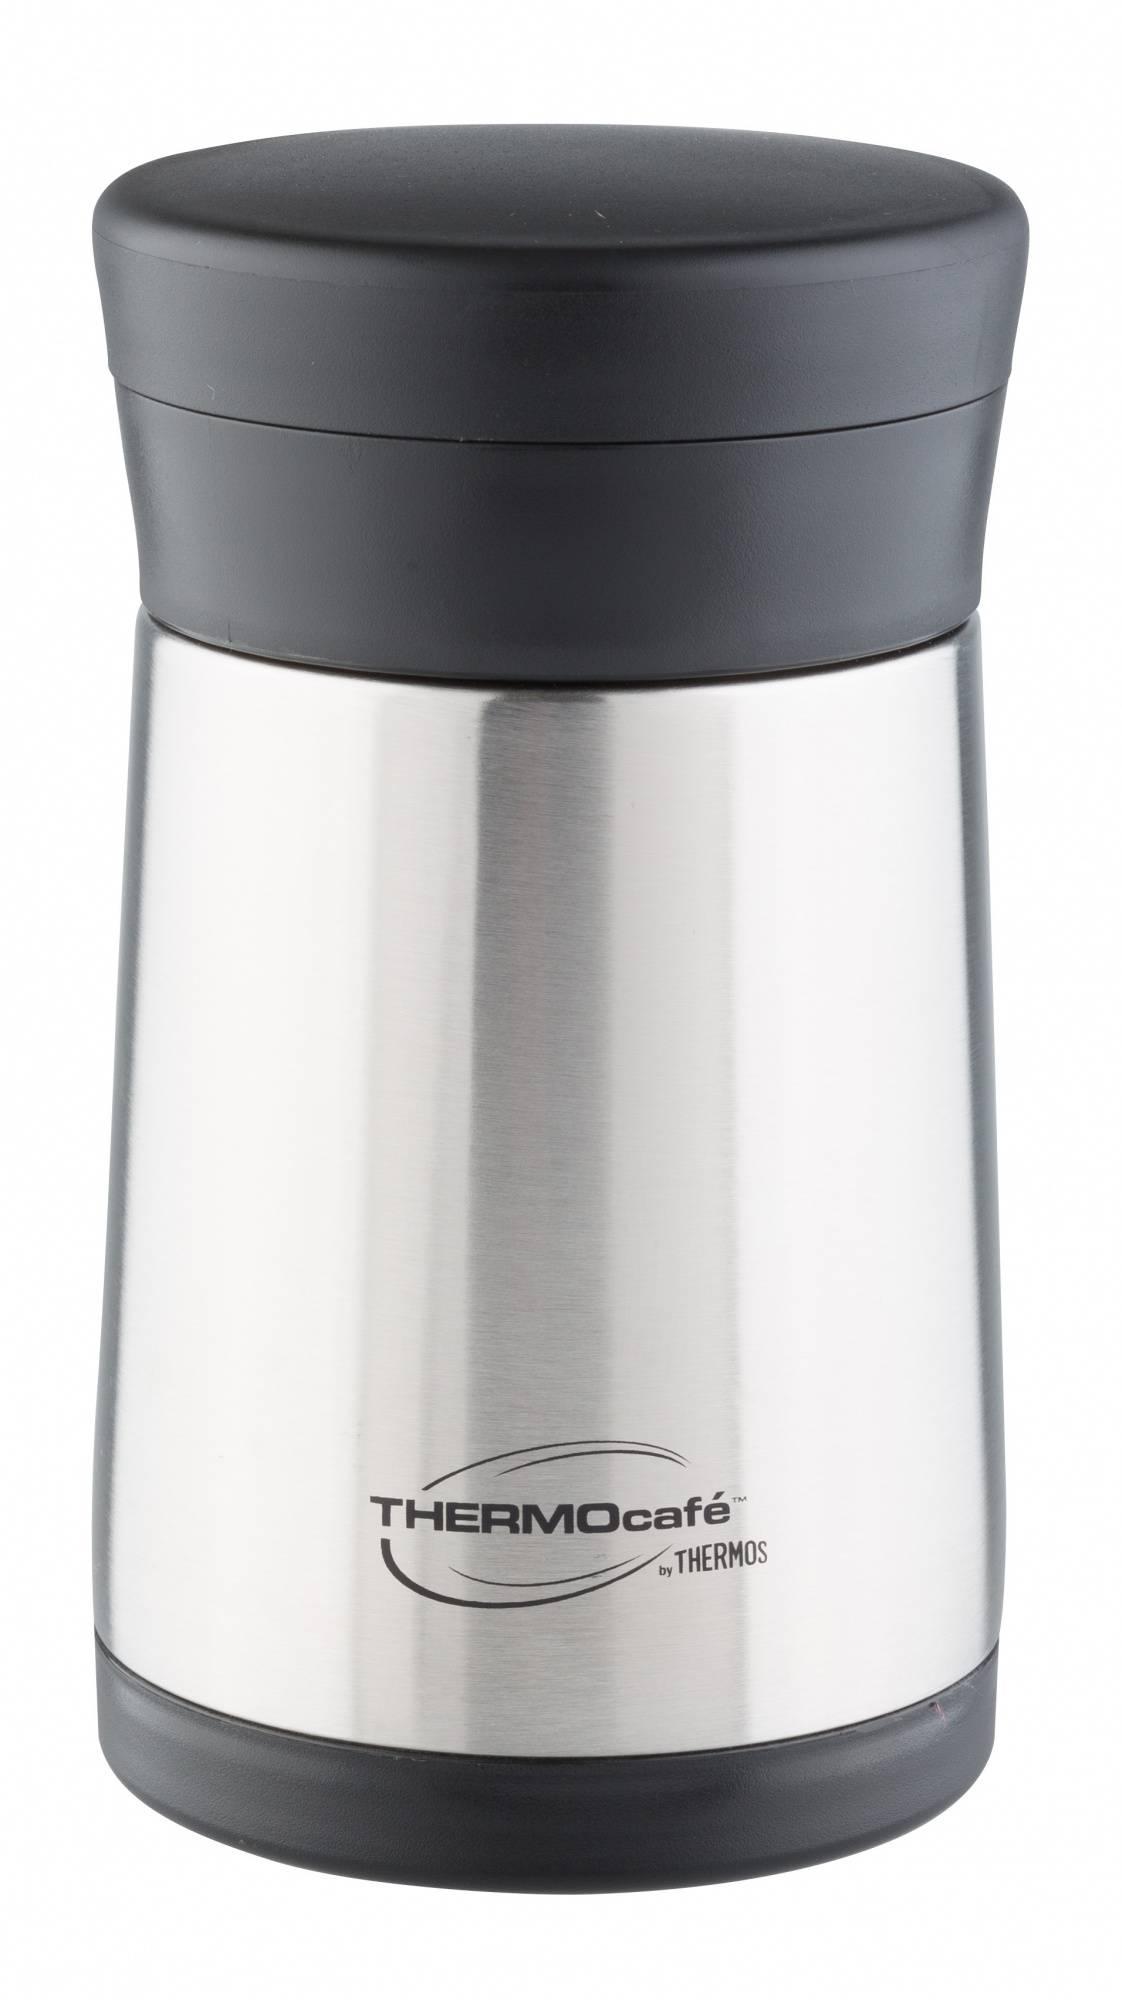 Термос Thermos THERMOcafe XC05-BK SBK стальной (272362) - фото 1